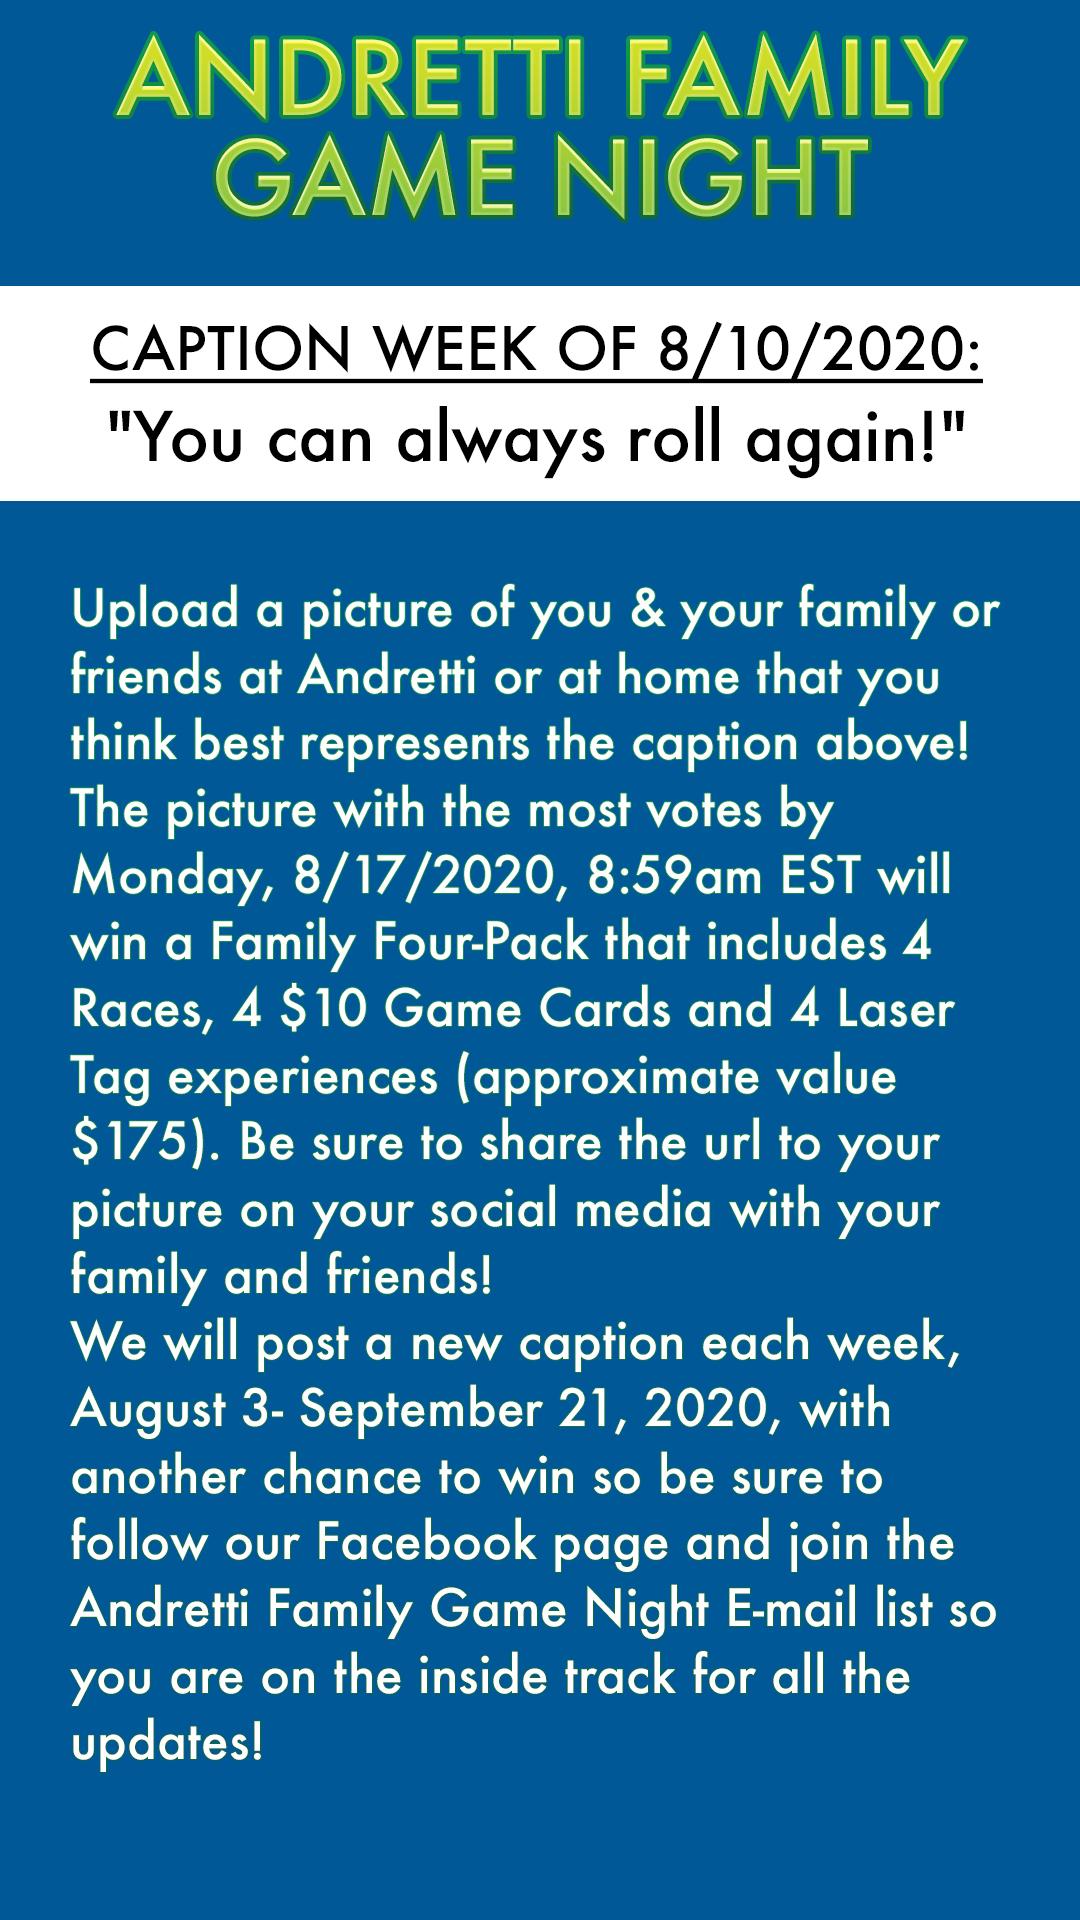 Andretti Family Game Night Orlando 8 10 2020